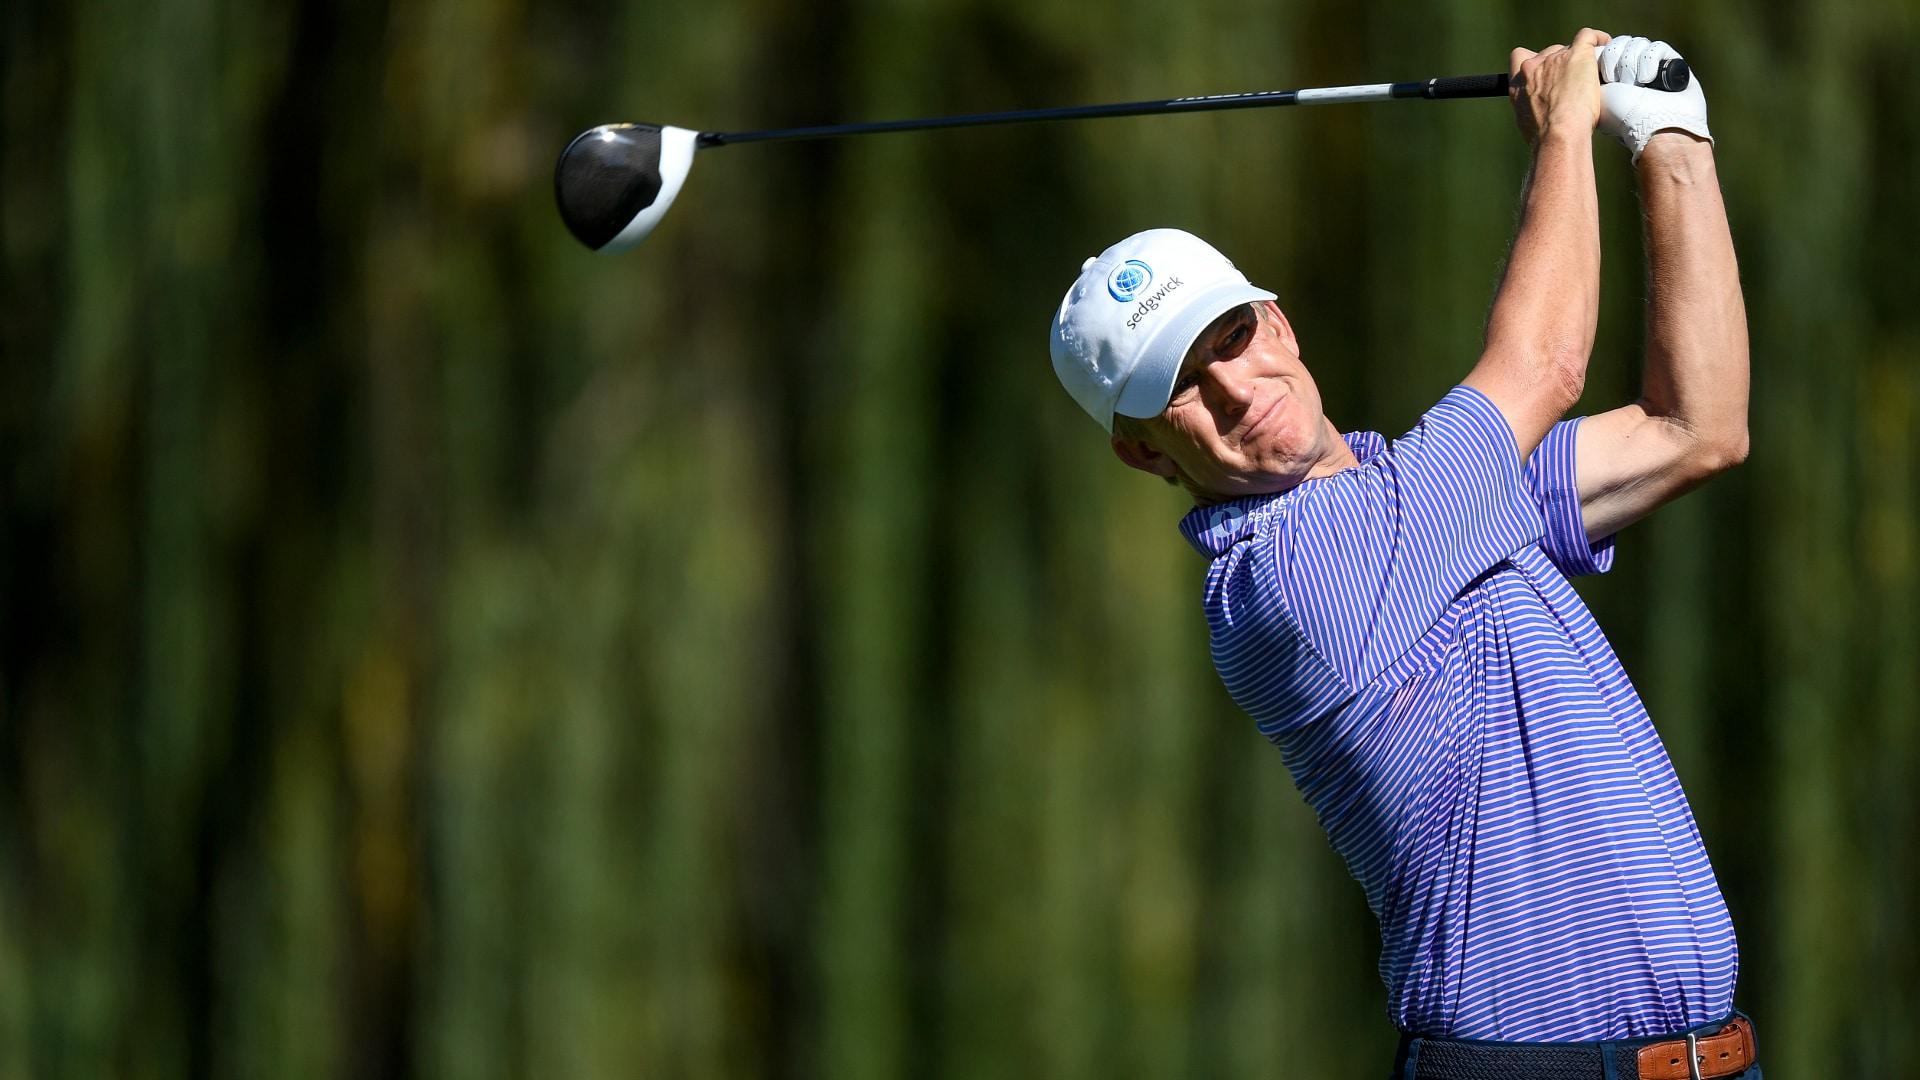 bernhard langer gives posture tips to sink more putts golf channel